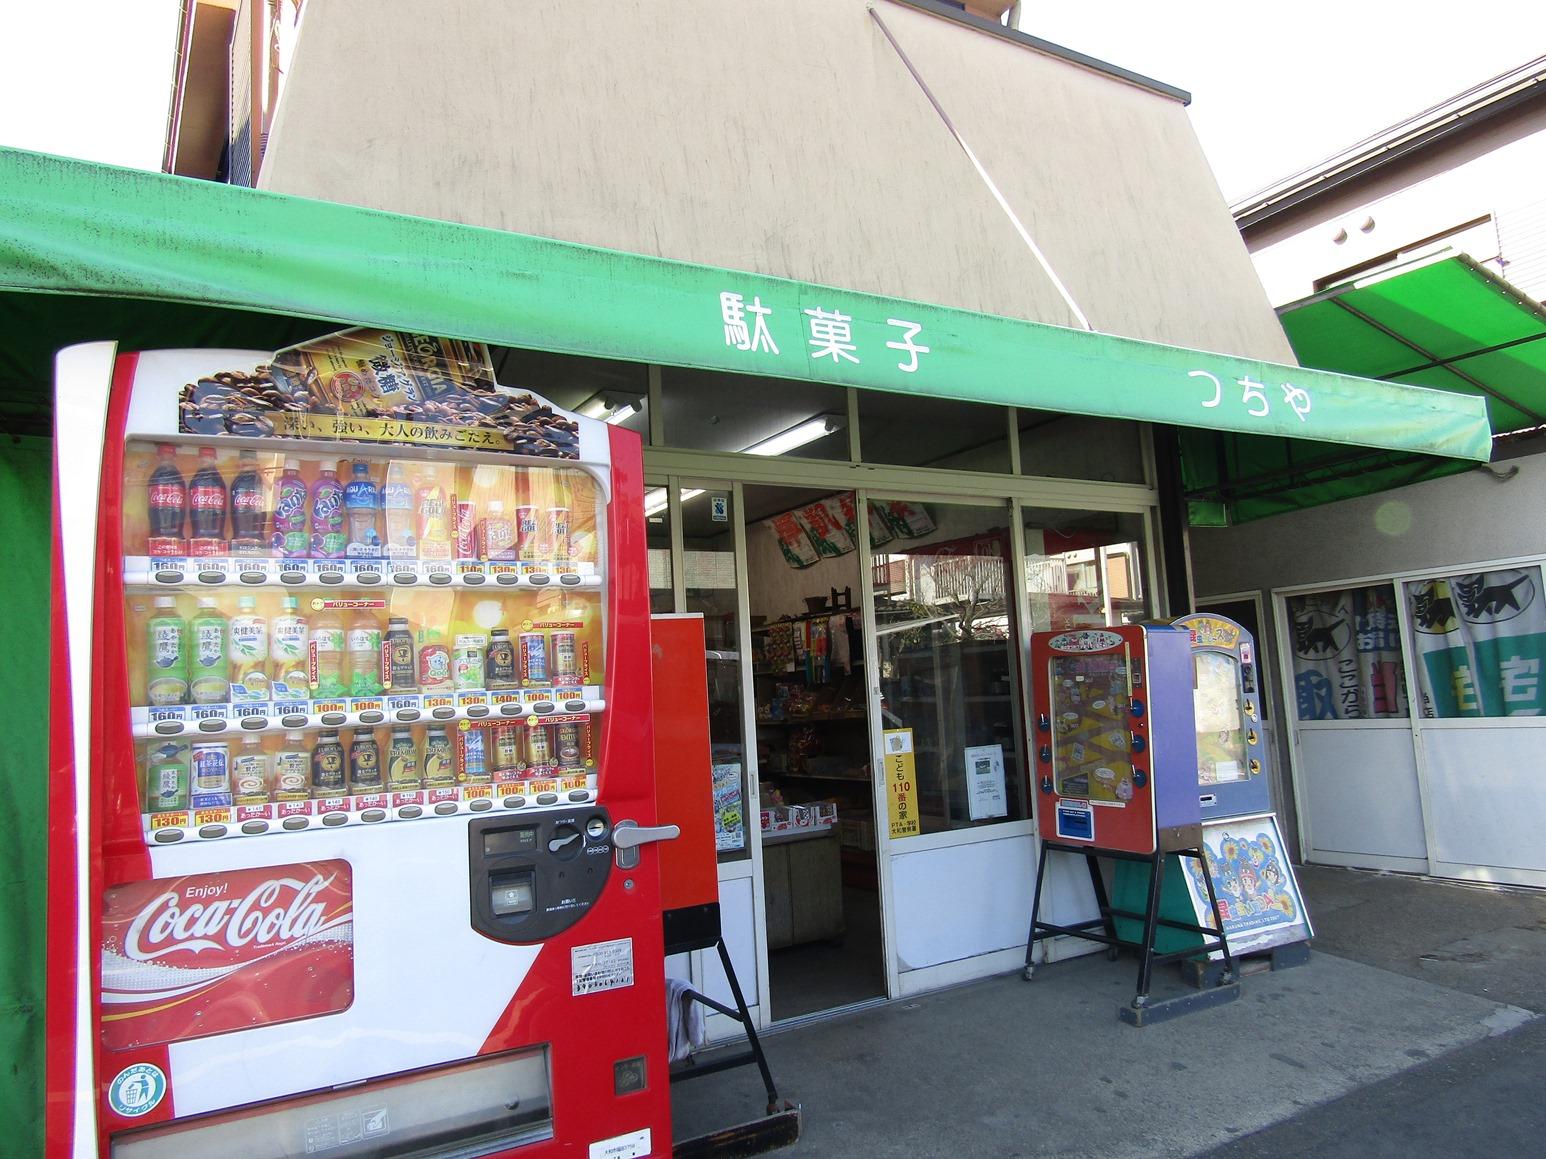 緑の屋根と赤い自動販売機